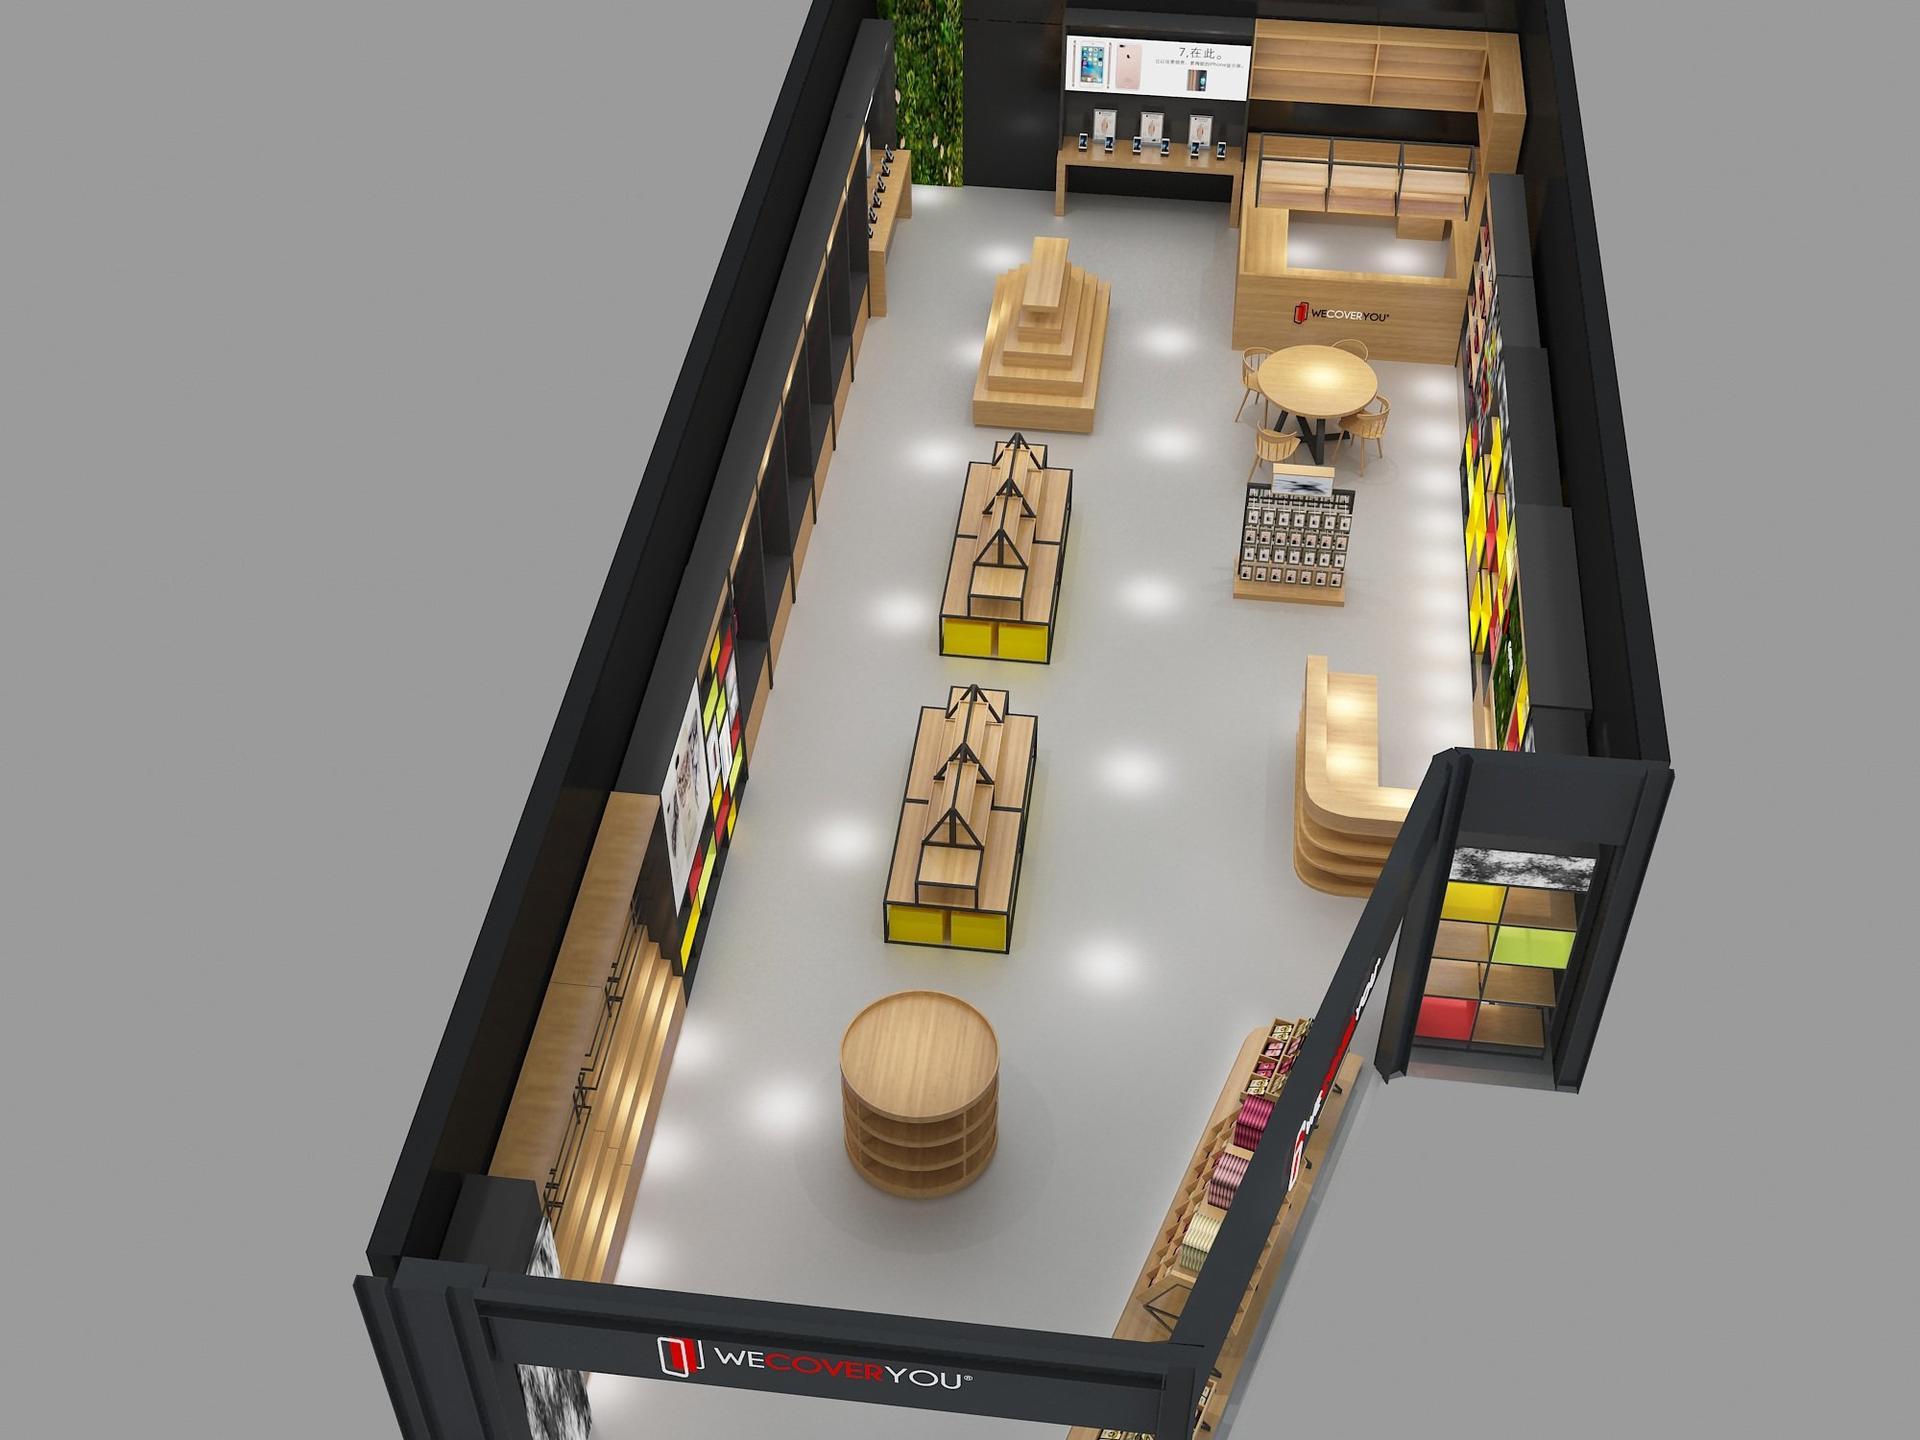 Electronic Shop Display